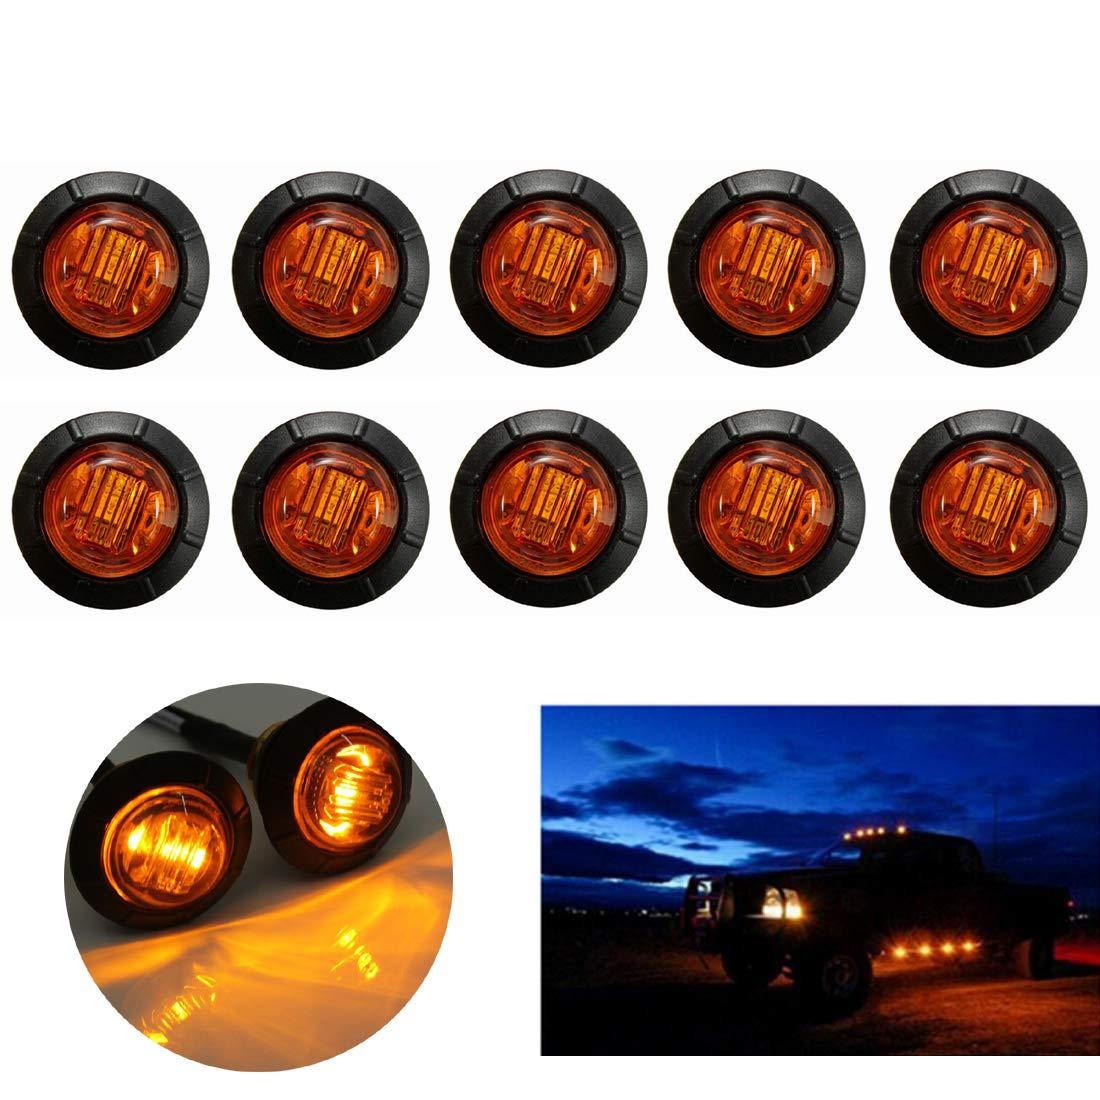 VIGORFLYRUN PARTS LTD 10pcs 3 LED 3//4 Luz de Marcador Latera Indicadores Luz de Freno Luces Laterales Luces Inversas de Respaldo para 12V Cami/ón Remolque Caravana RV Bus Blanco